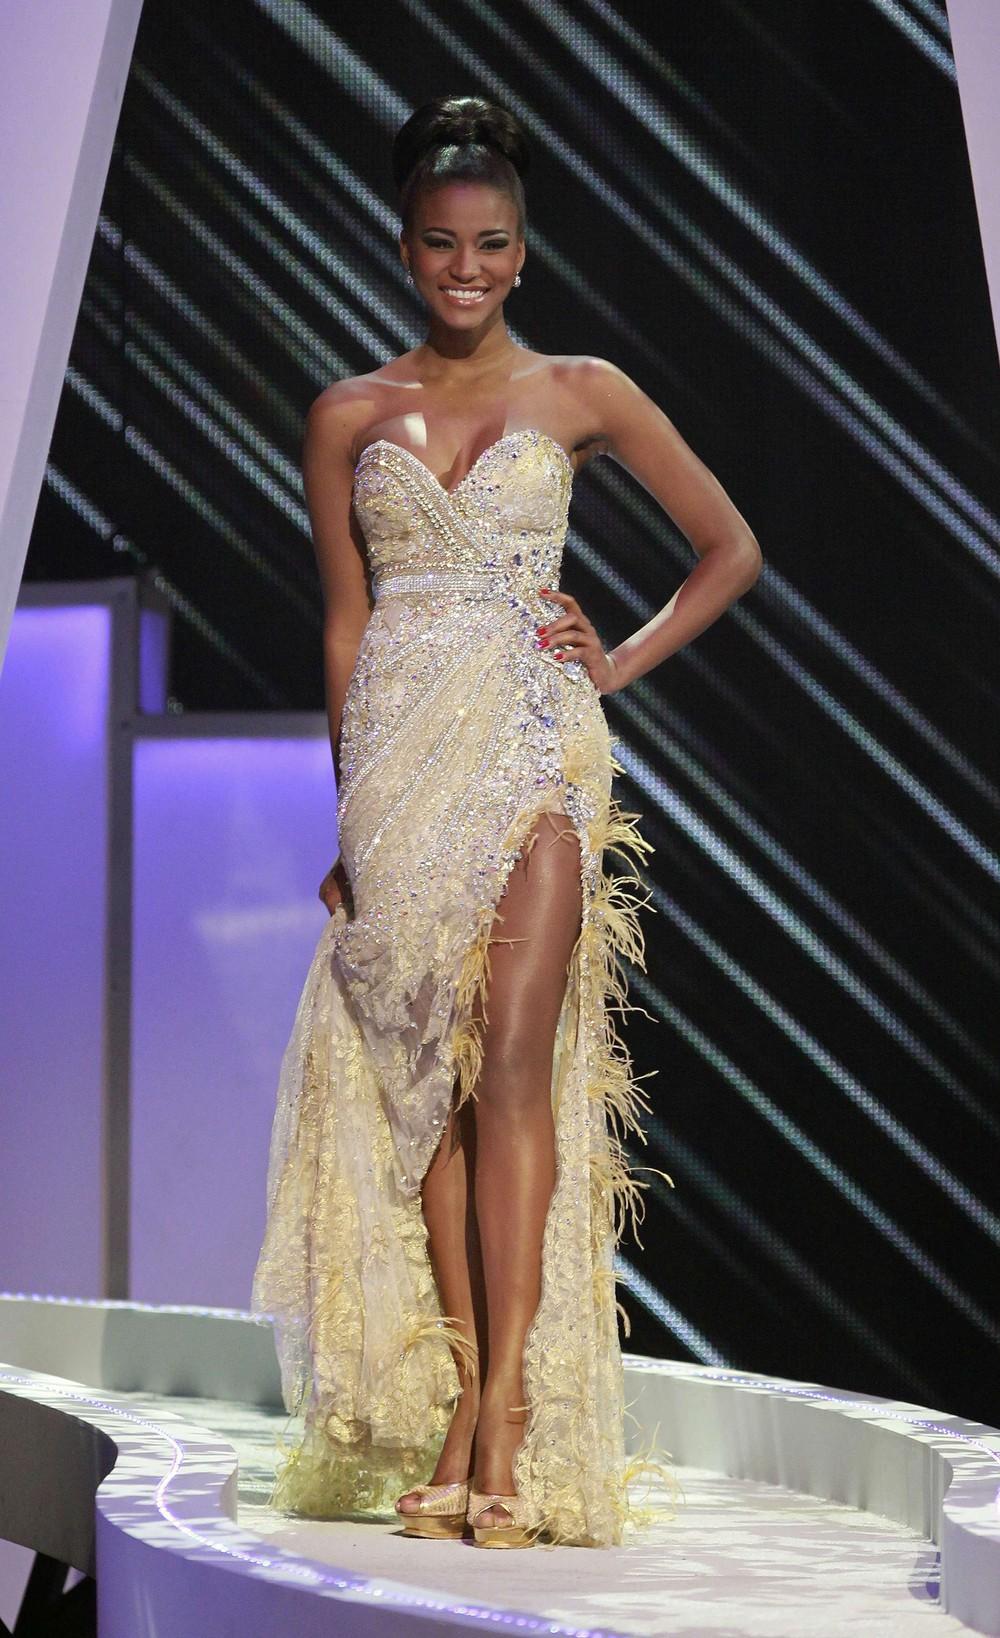 Победительница Мисс Вселенная - Лейла Лопеc из Анголы